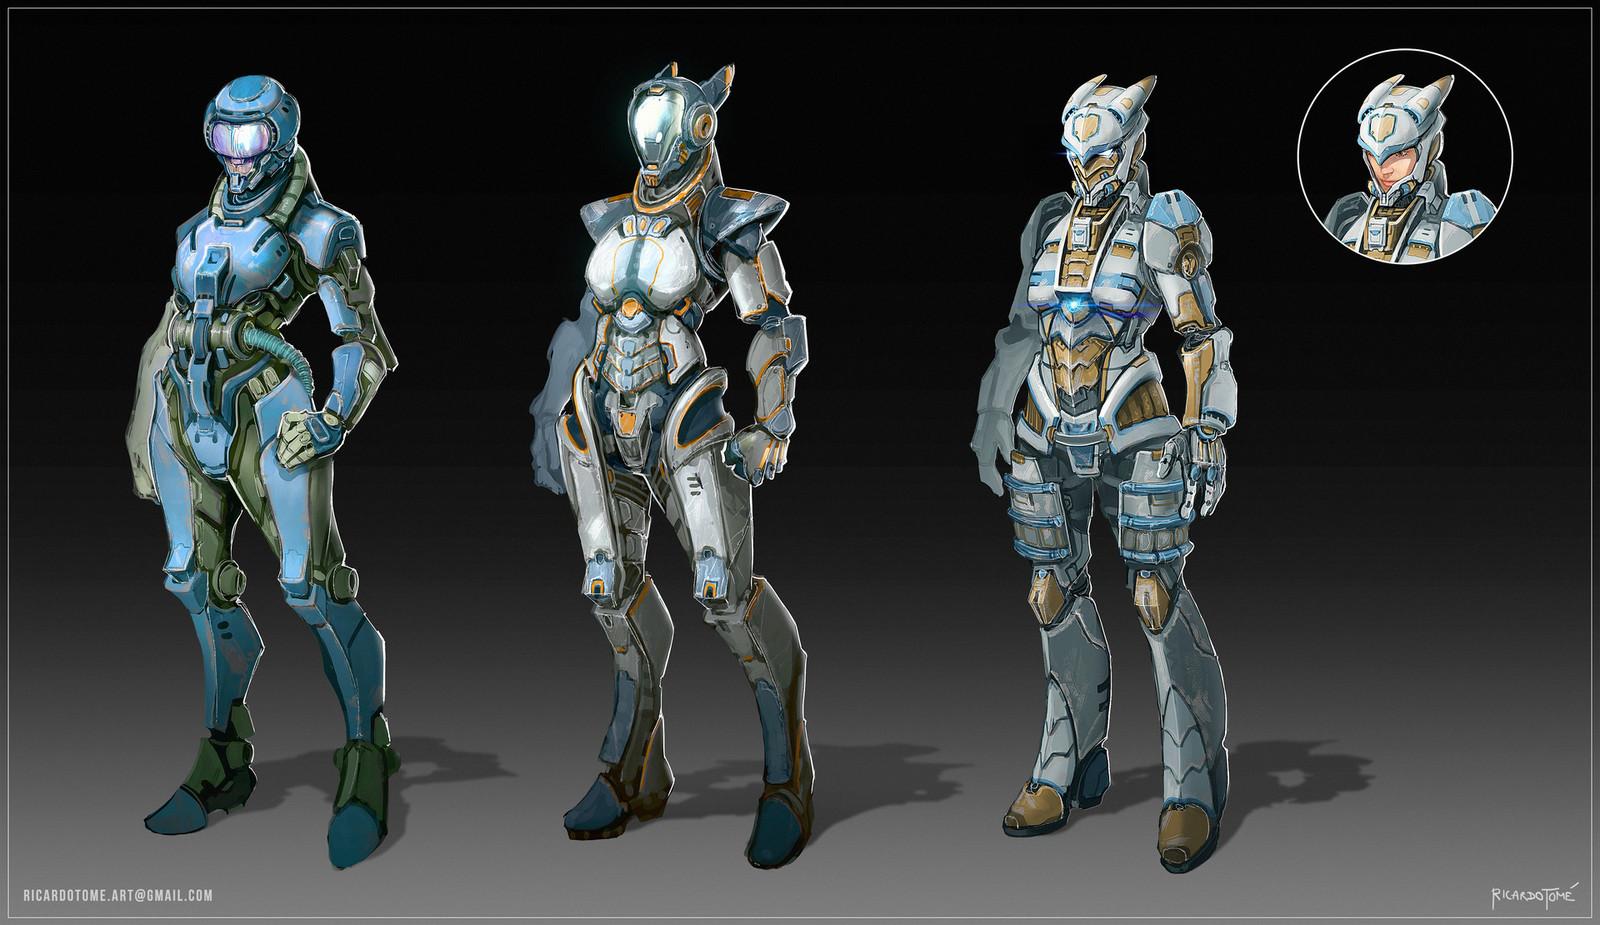 Orion's Hunt - Sci-fi Armor Design